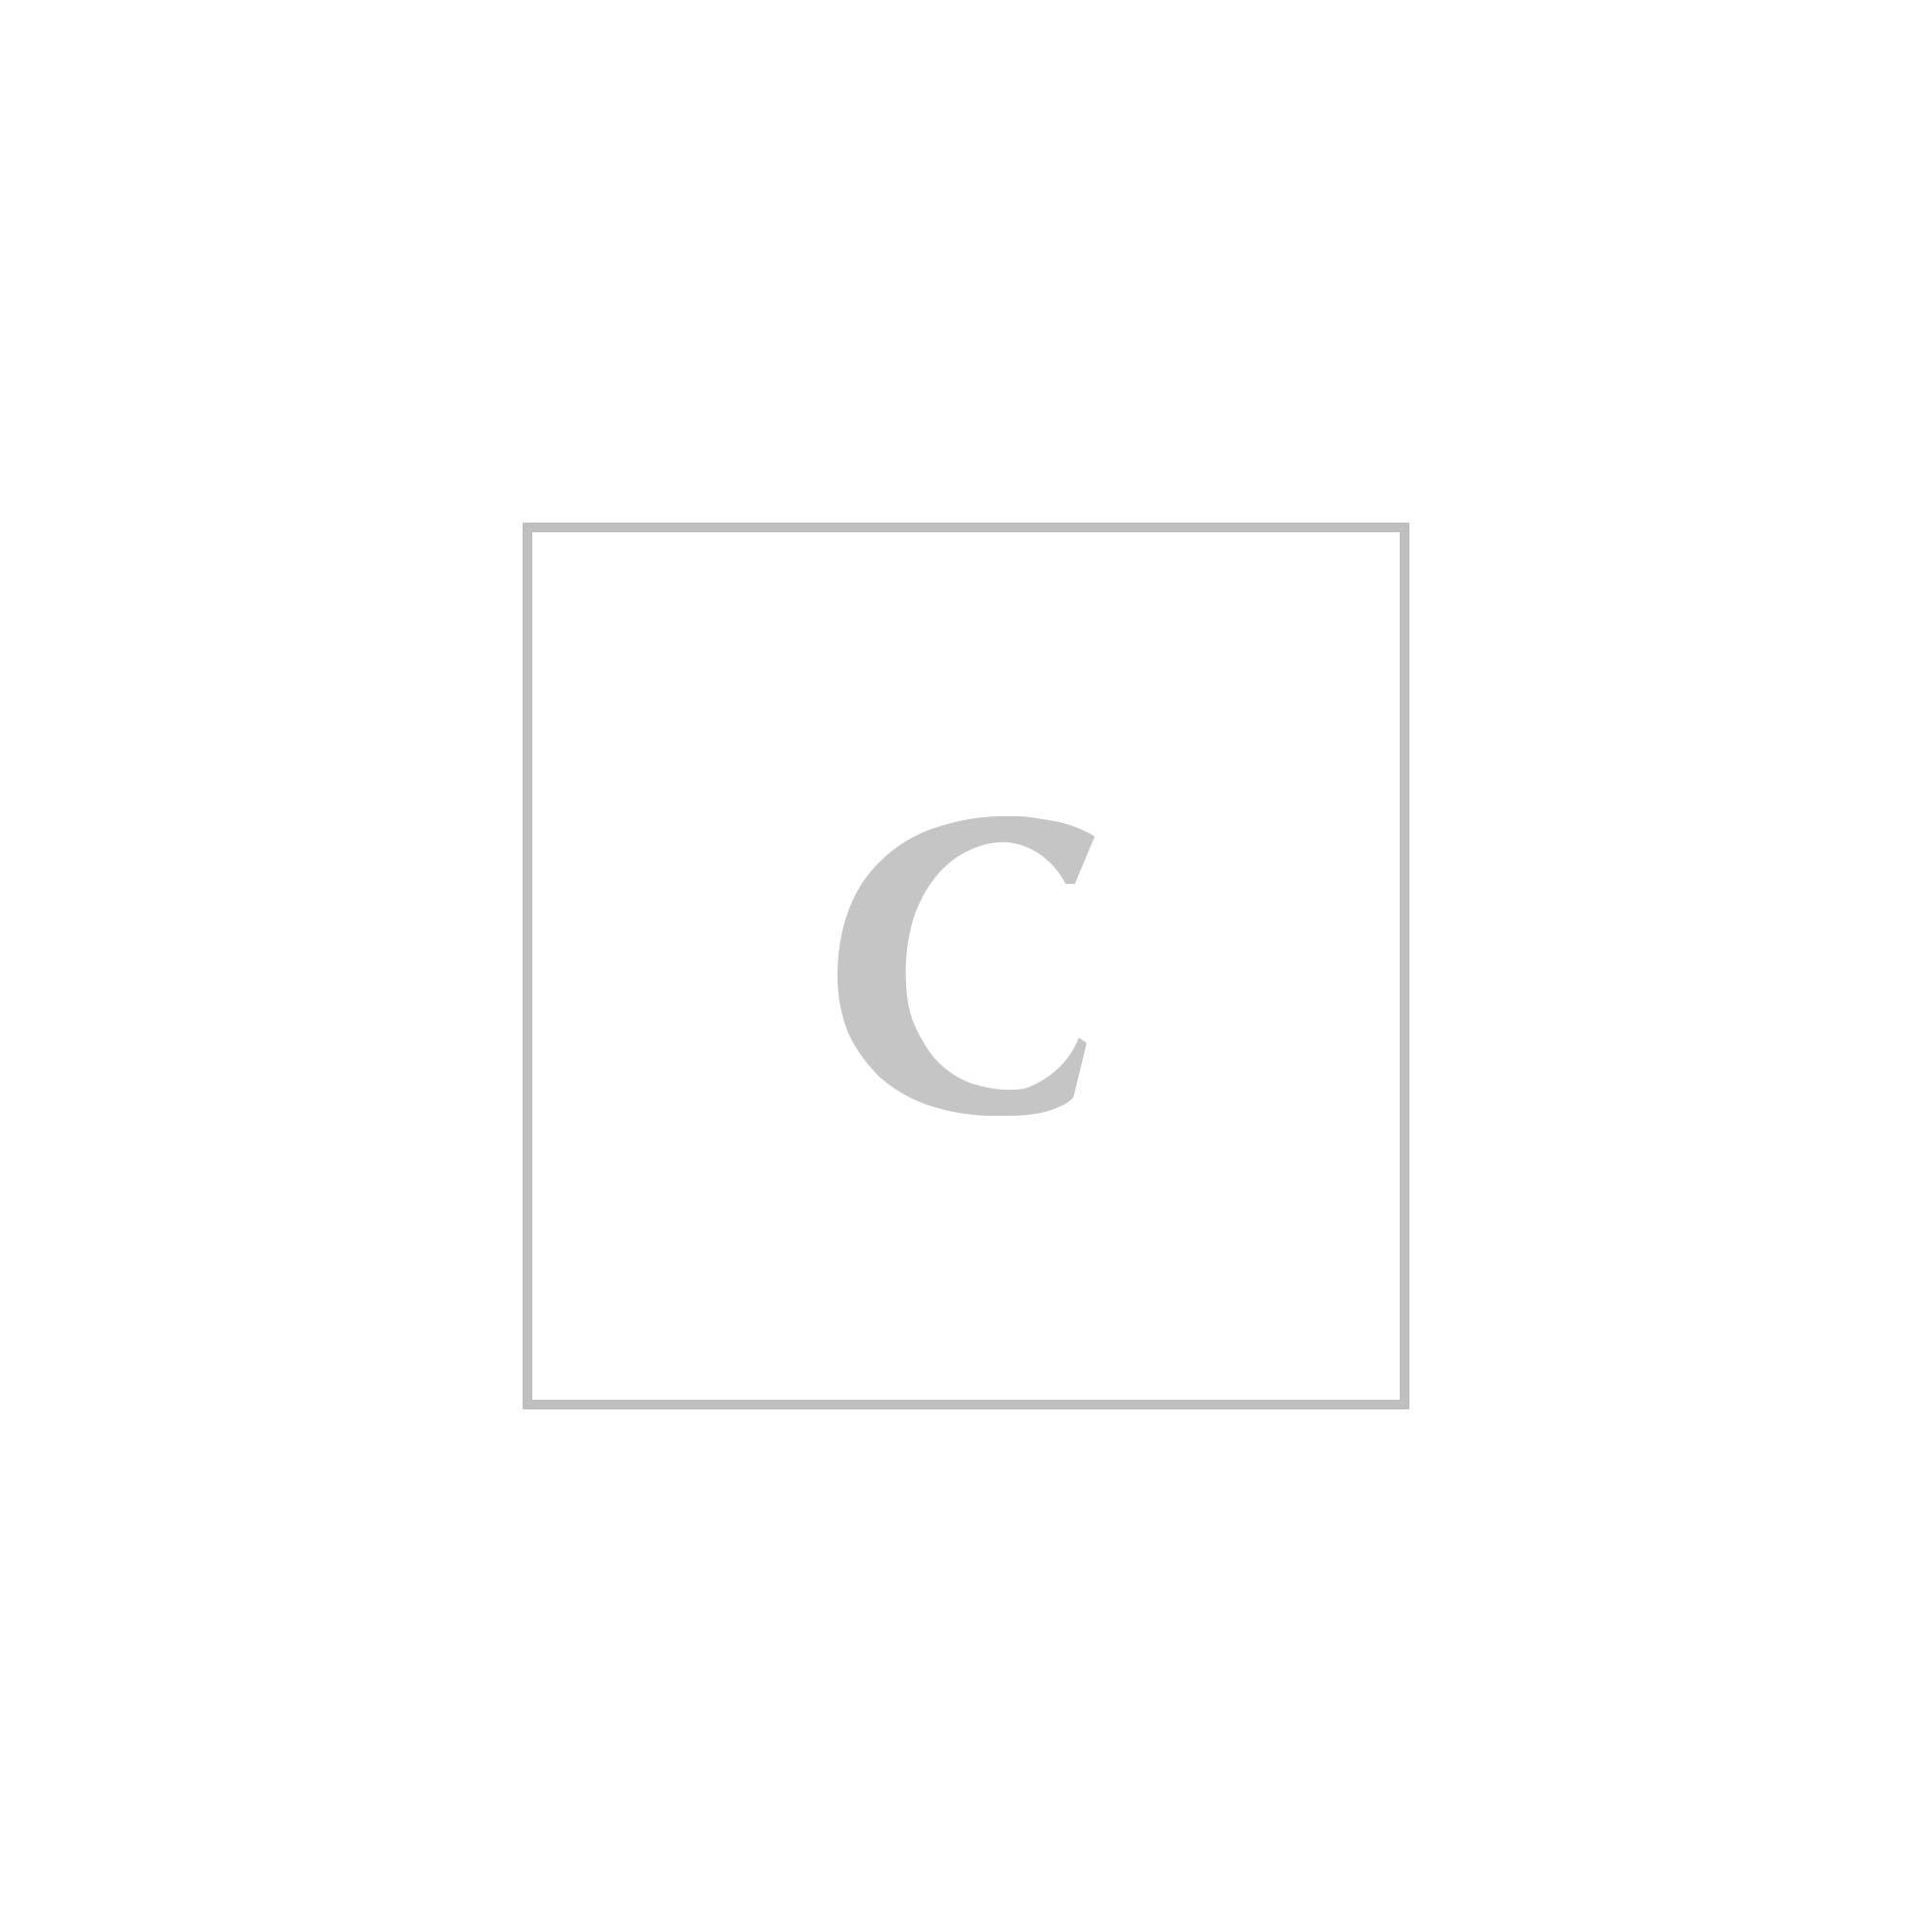 Bottega veneta woven nappa document case